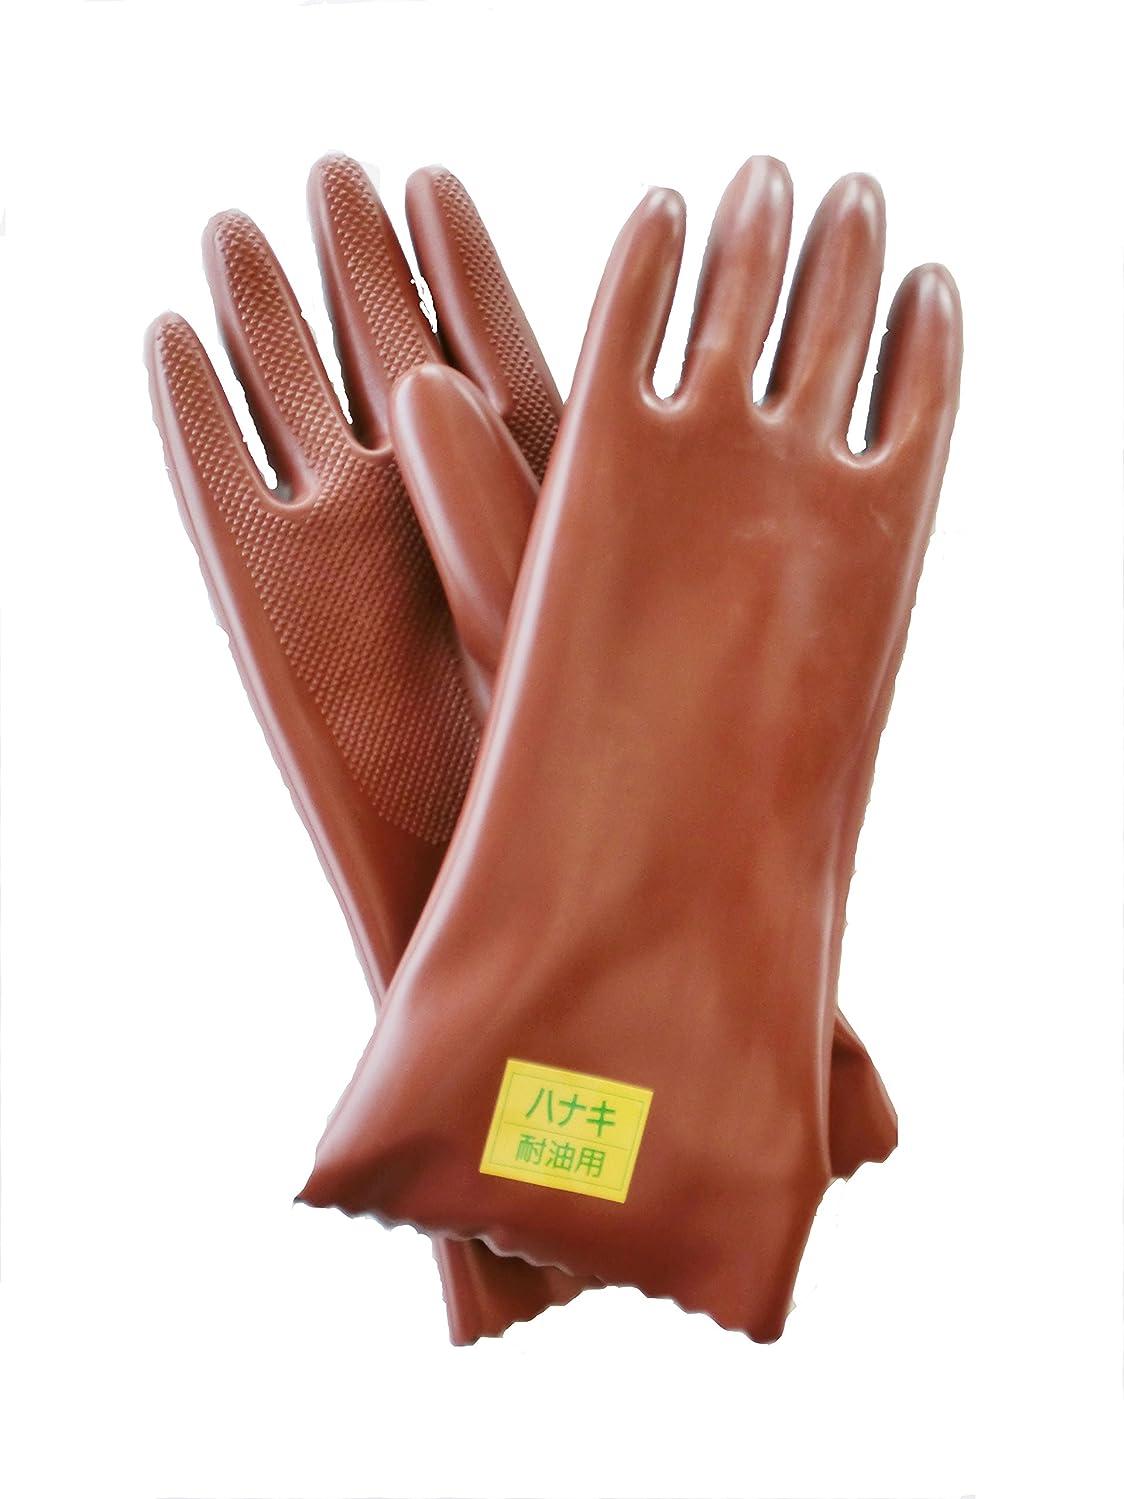 文房具団結するパステルハナキゴム かいてき耐油手袋 C型 1双